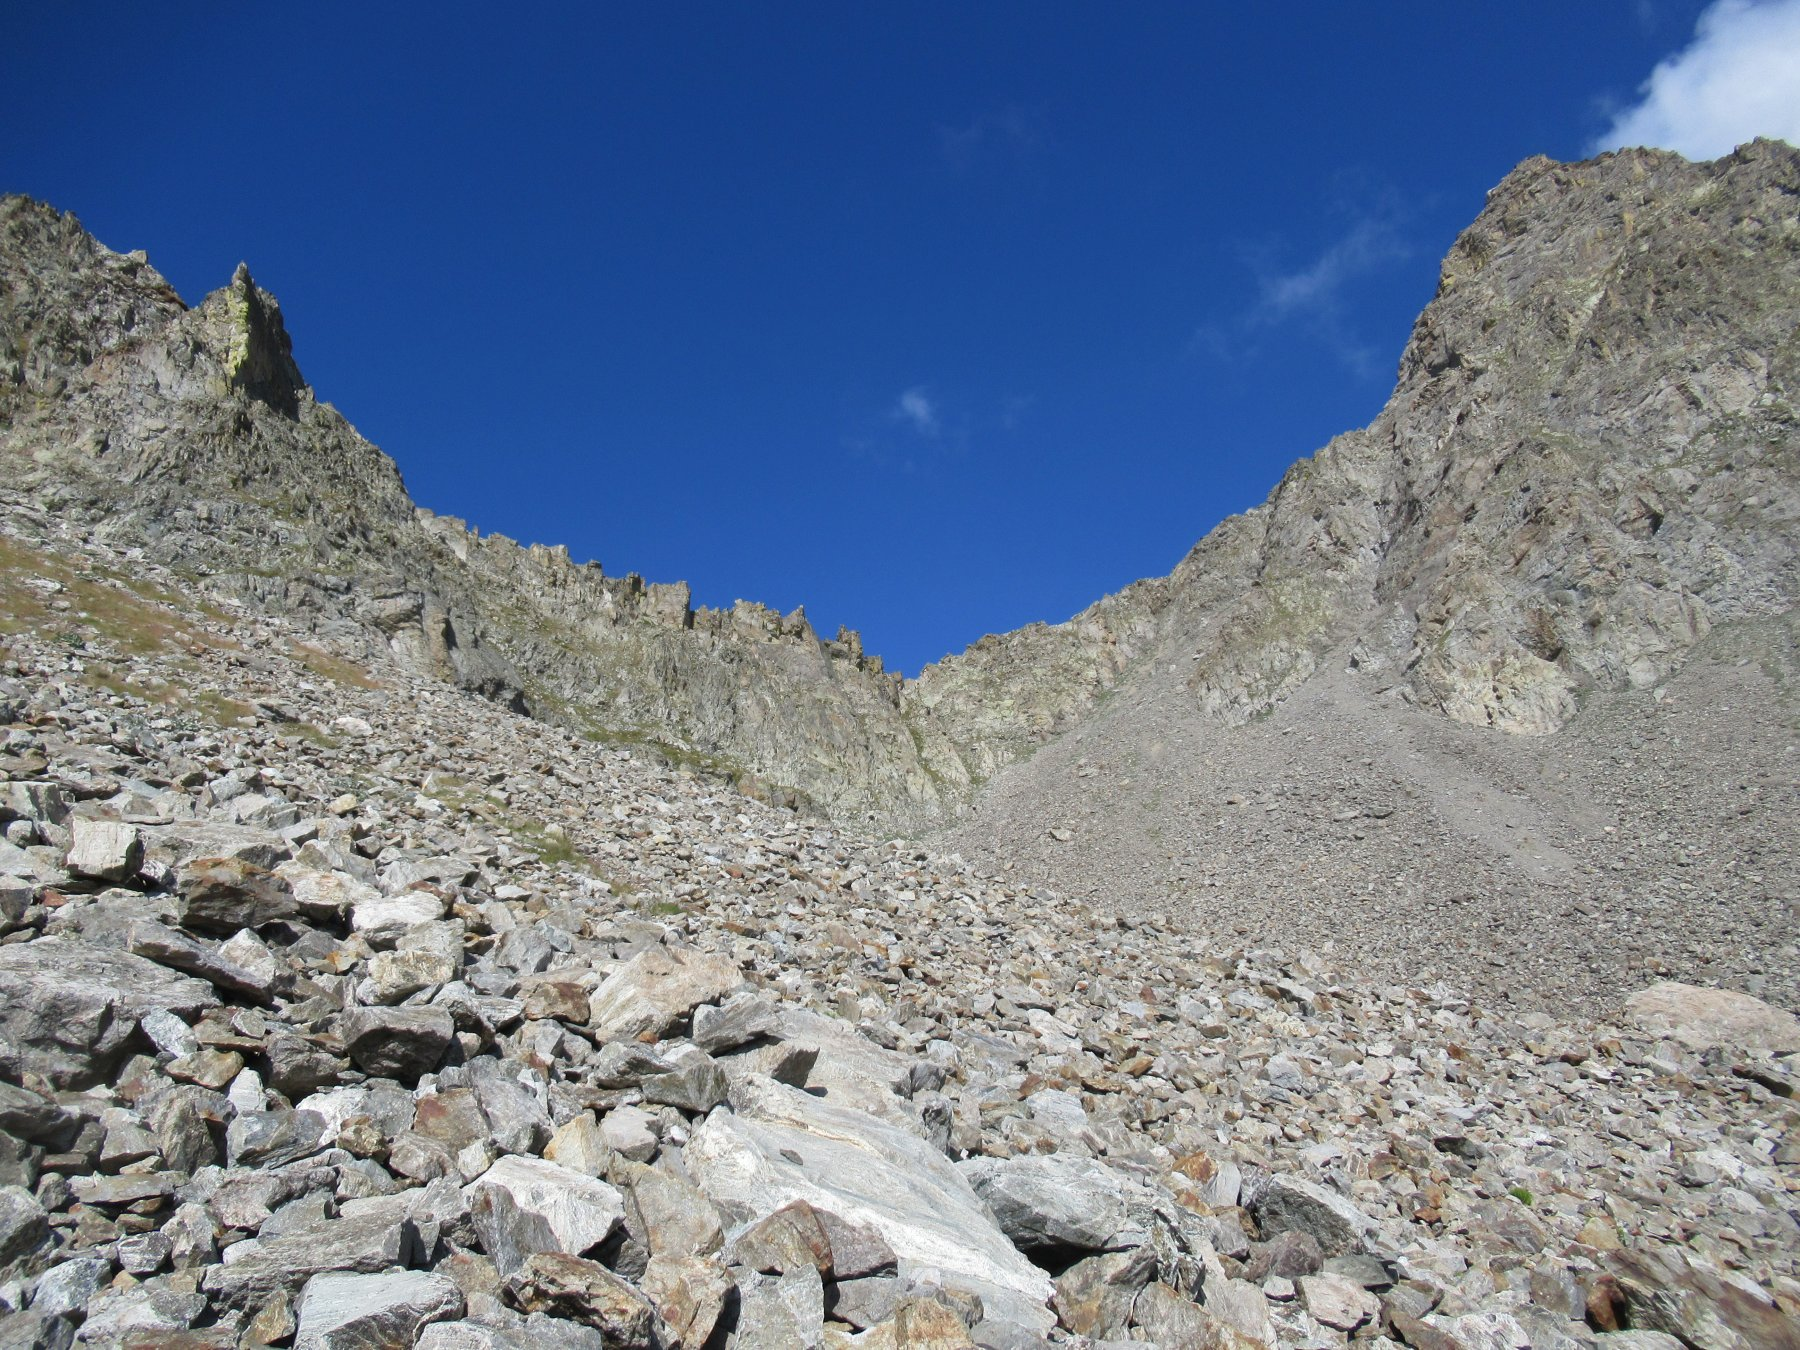 Parte superiore del vallone con al centro il canalino.